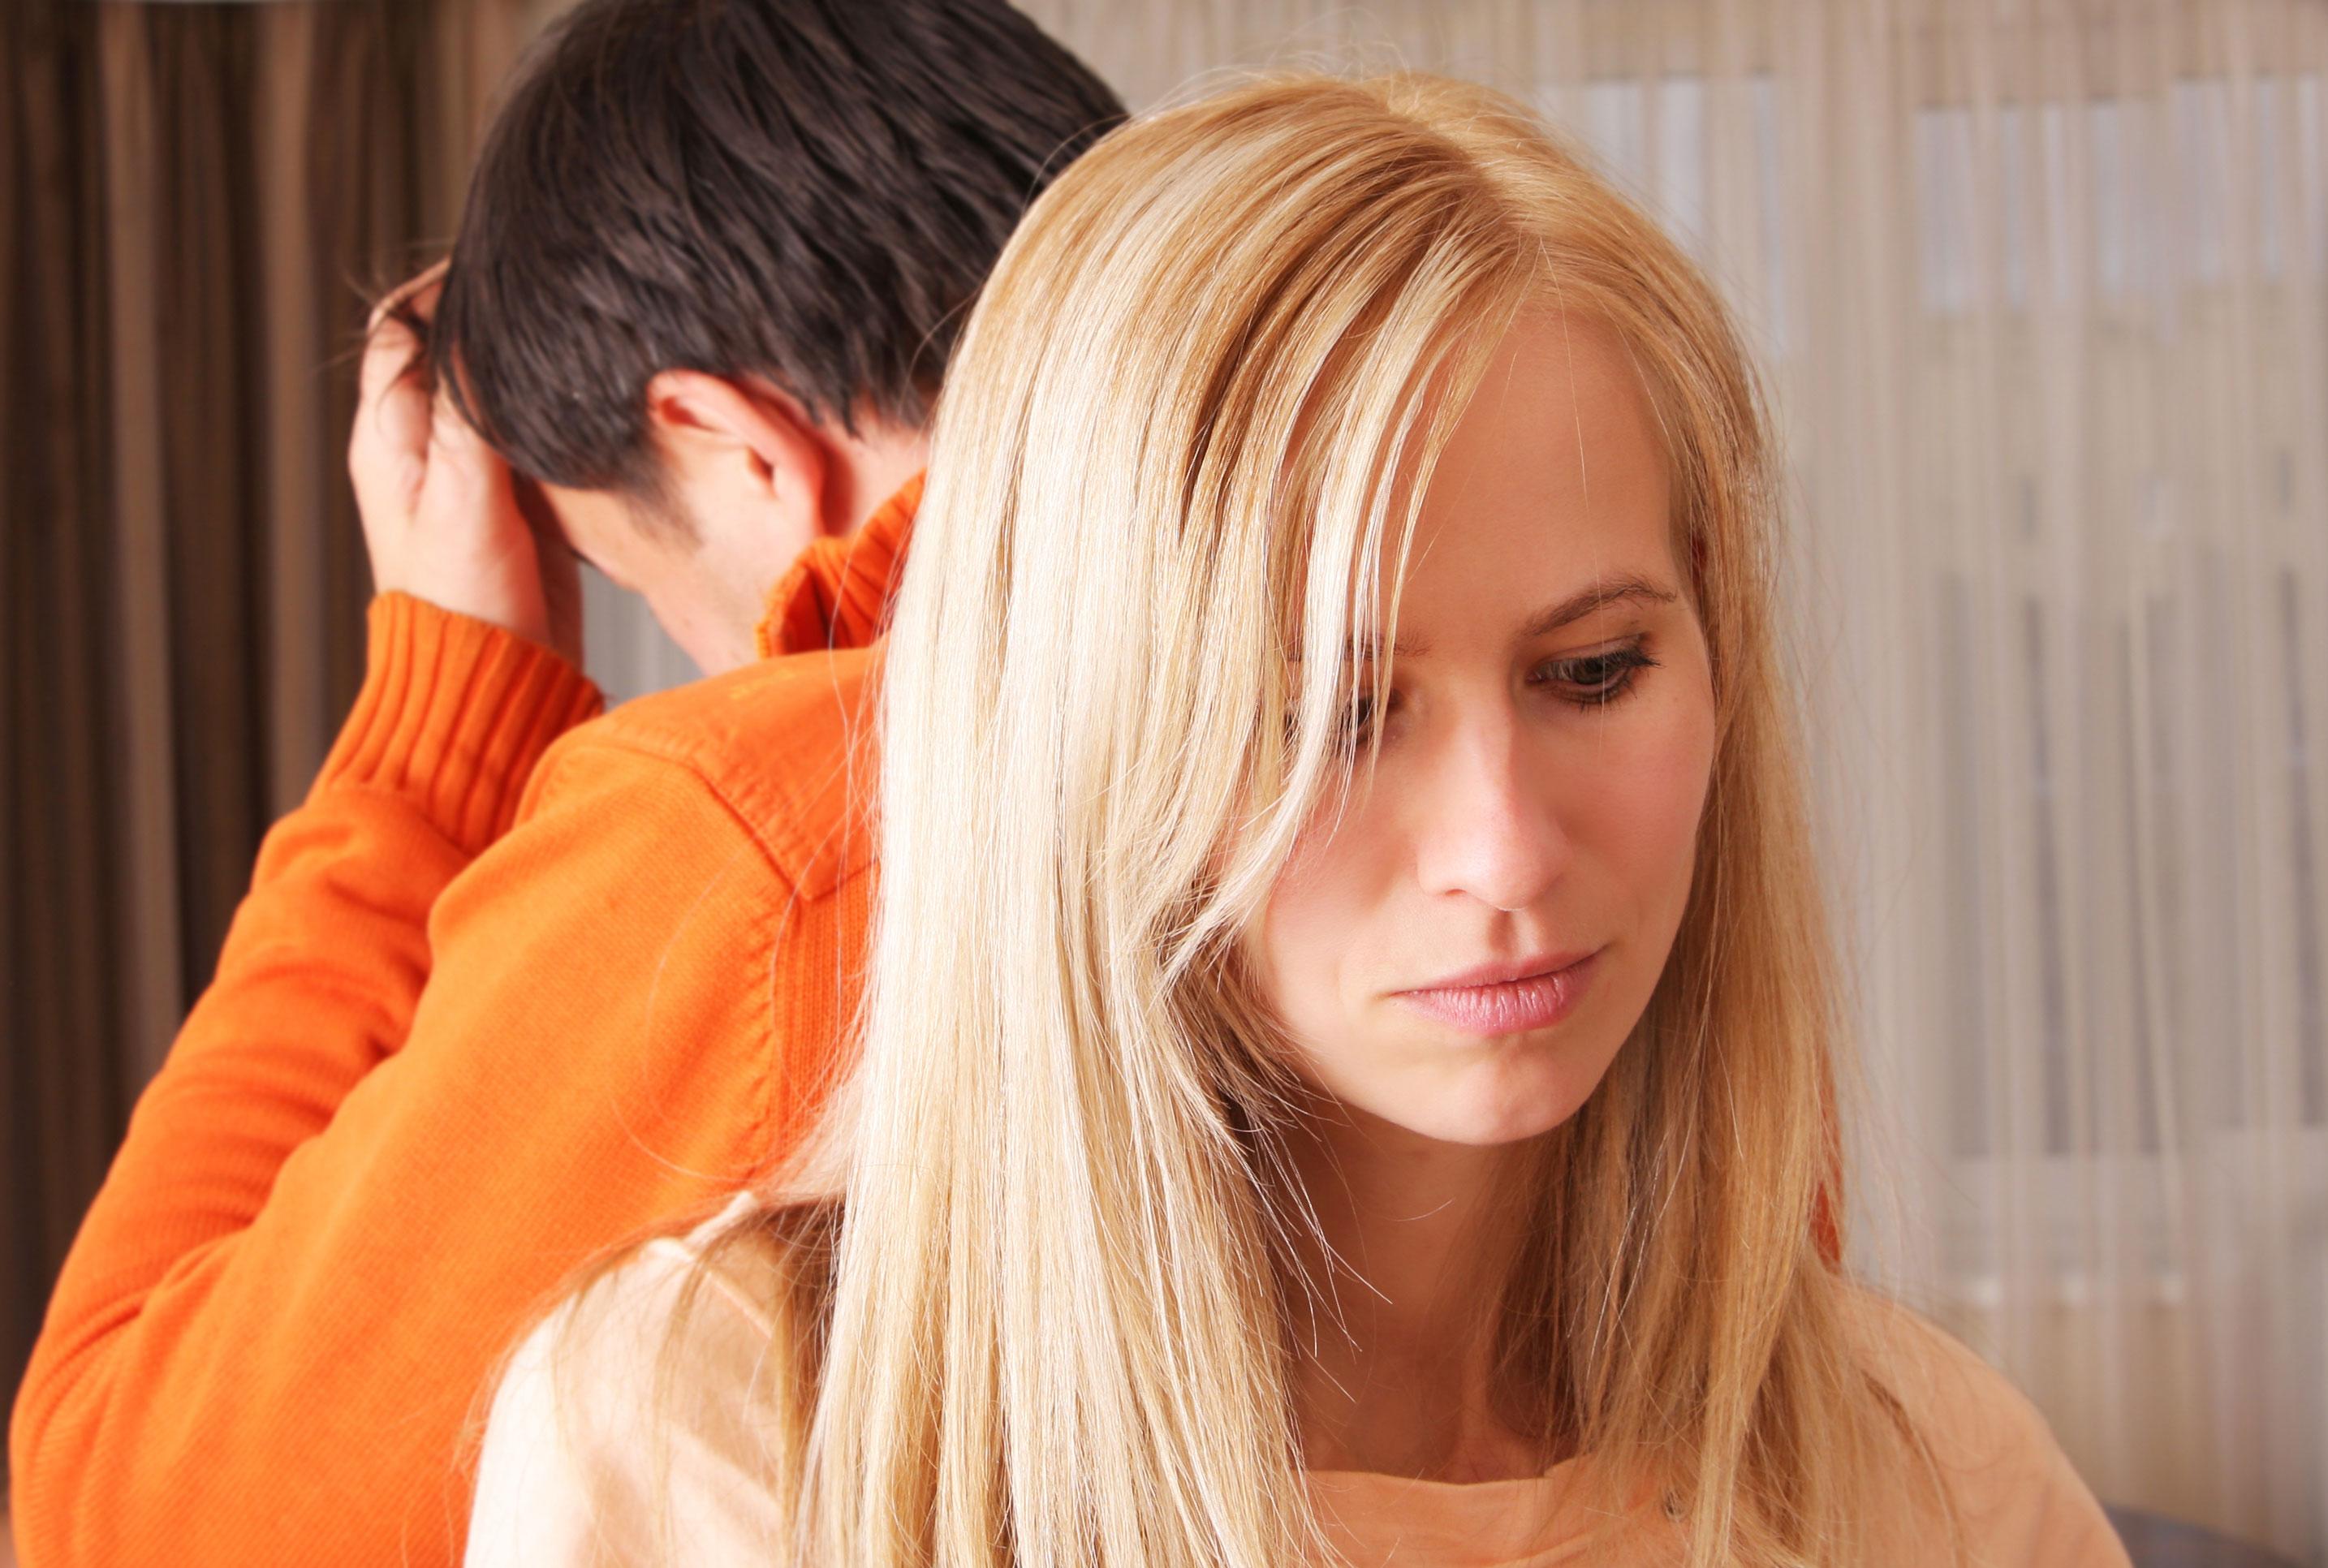 Έχει αλλάξει η σχέση σας μετά τον ερχομό του παιδιού